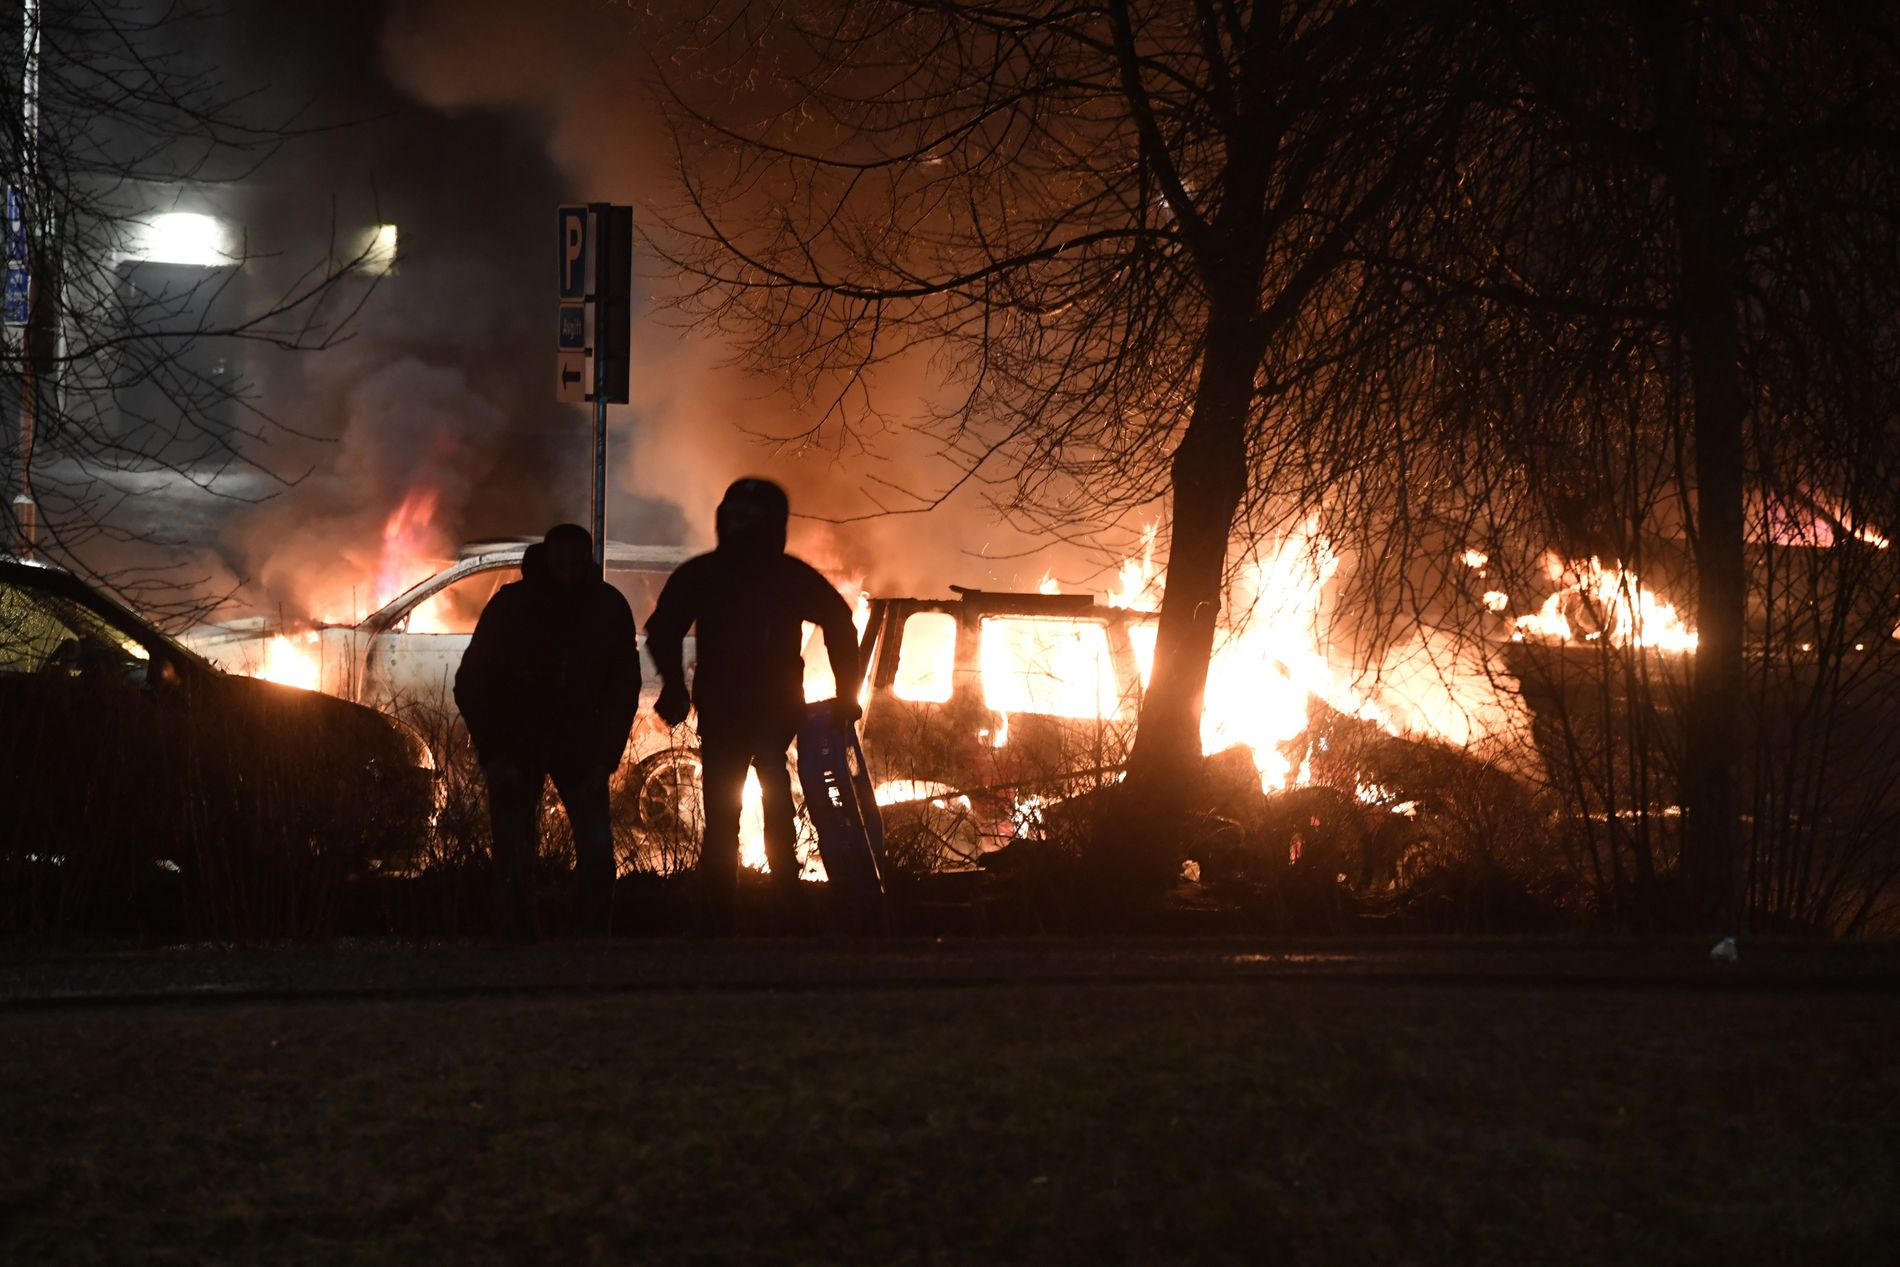 GÅR VIRALT: Flere internasjonale medier har skrevet lange saker om opptøyene i Stockholm mandag kveld. Foto: P-O Sännås, AFTONBLADET